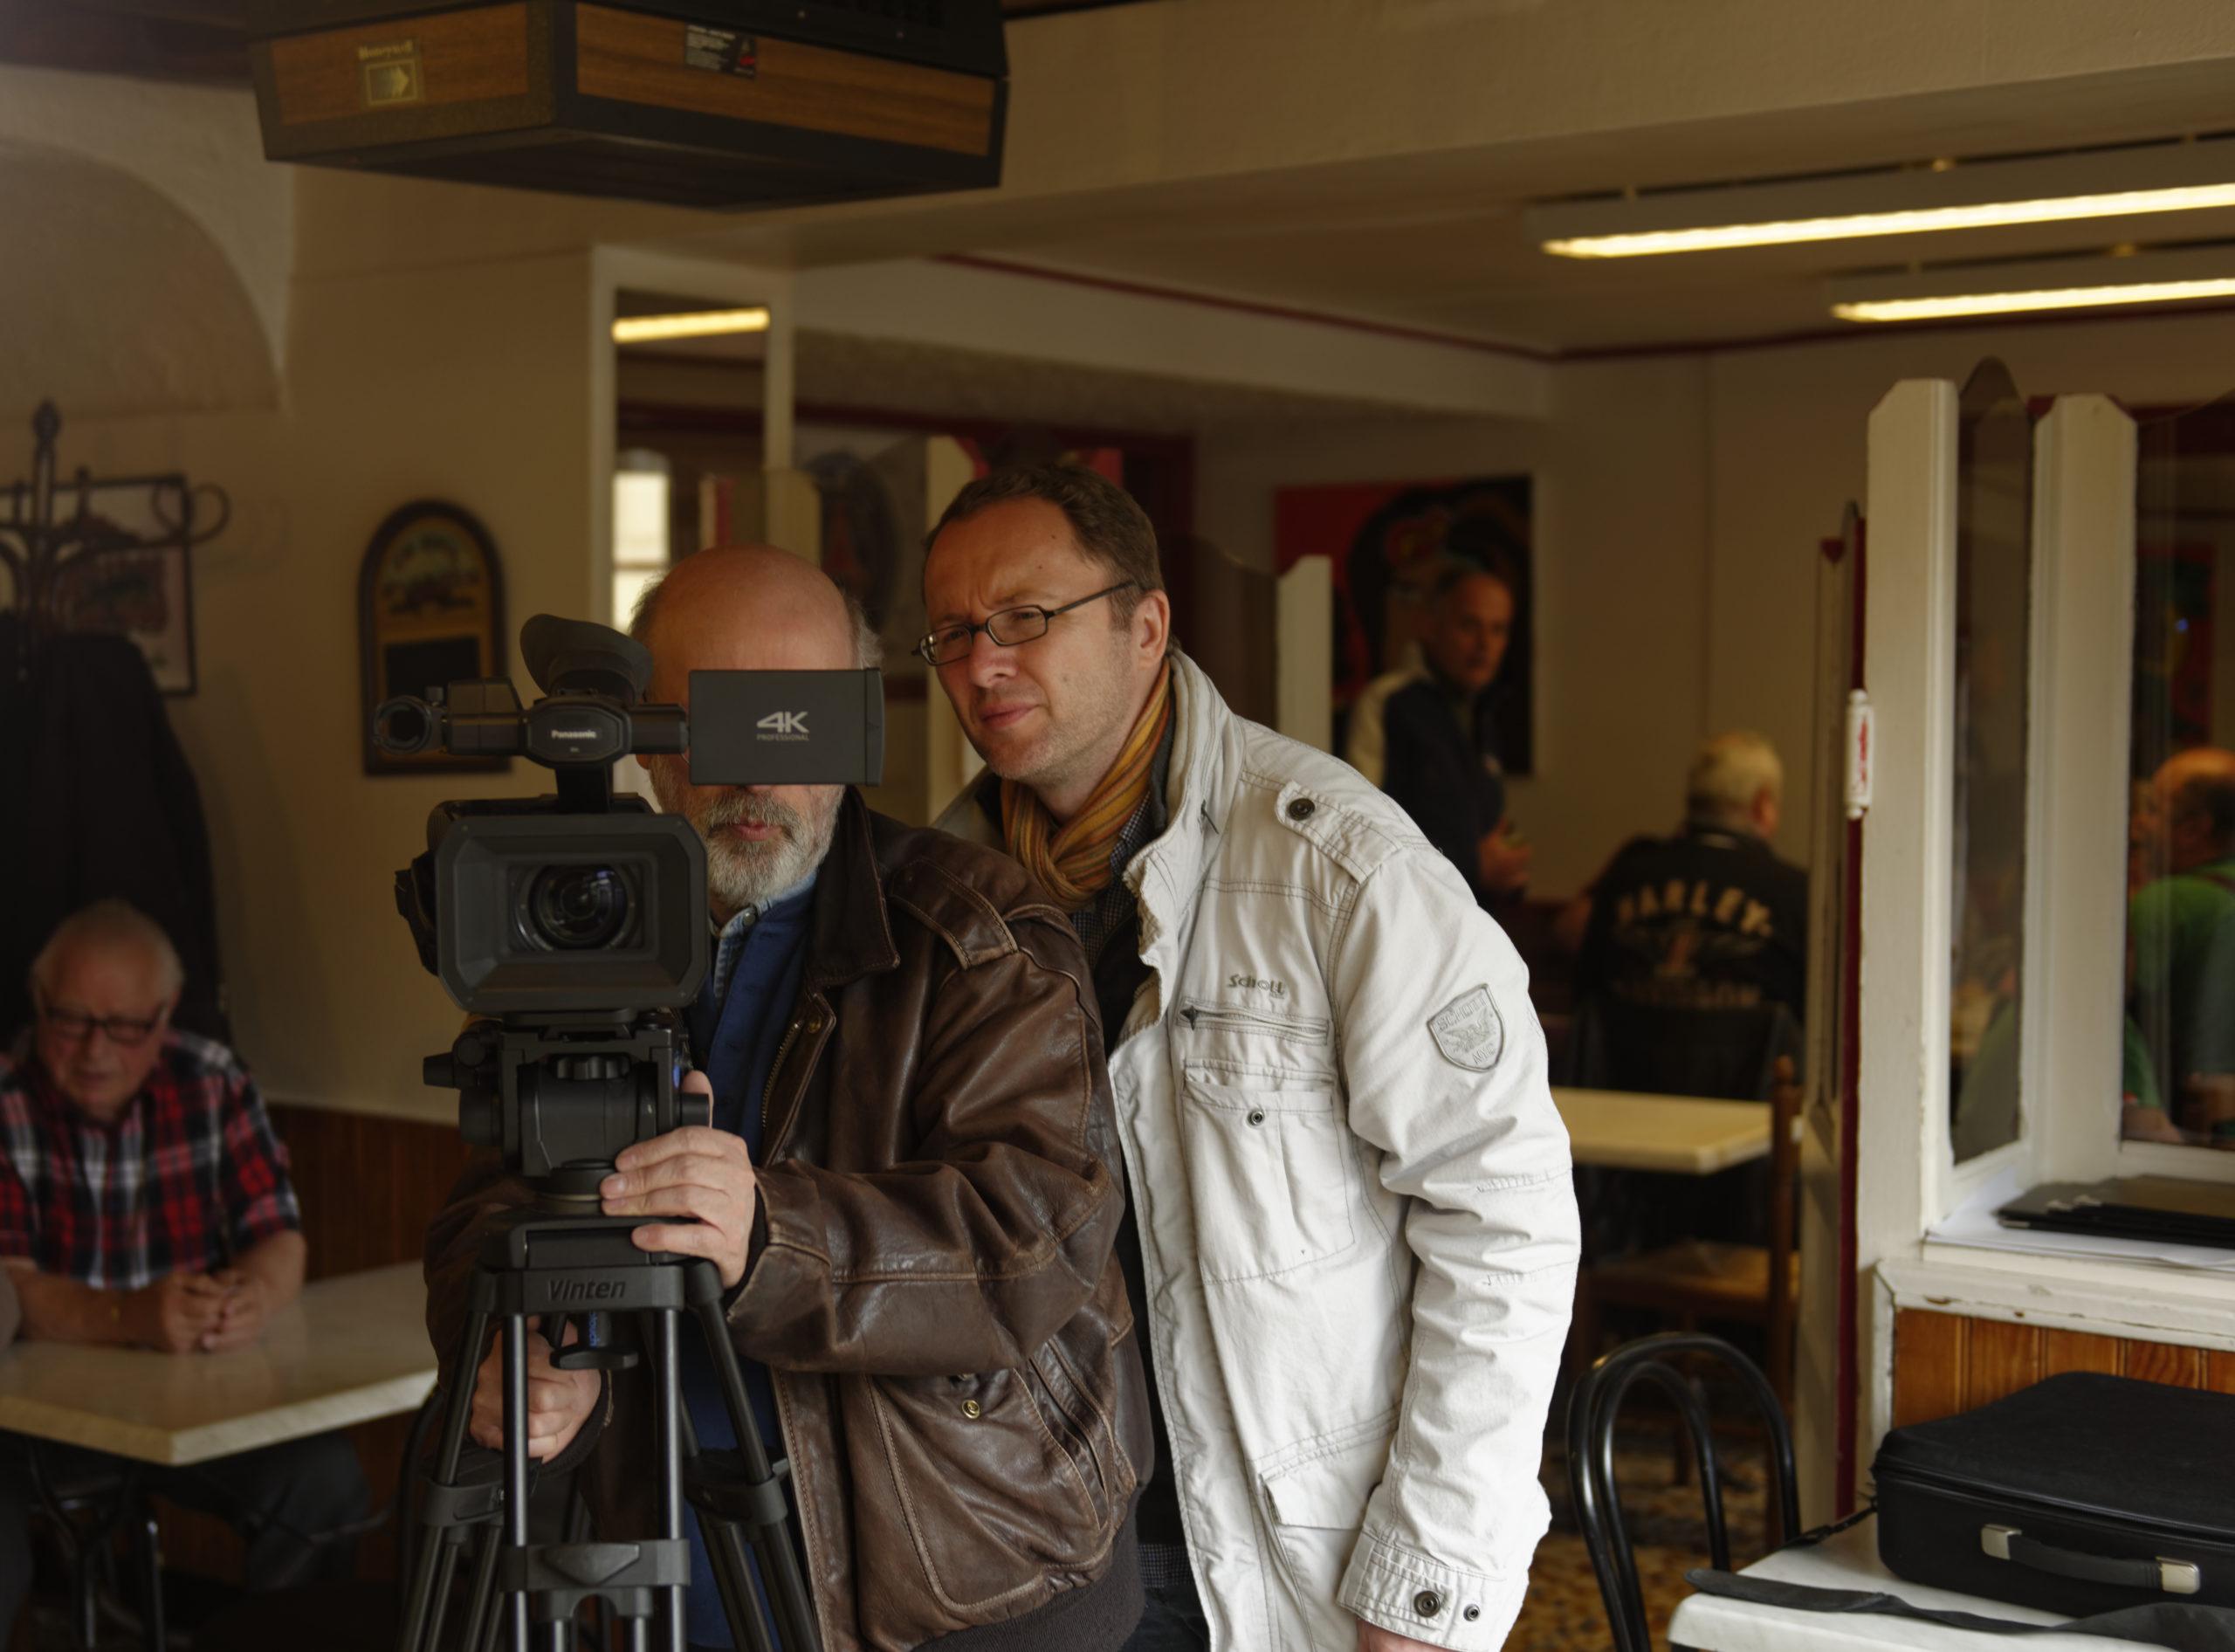 Pere et impair photos tournage 39